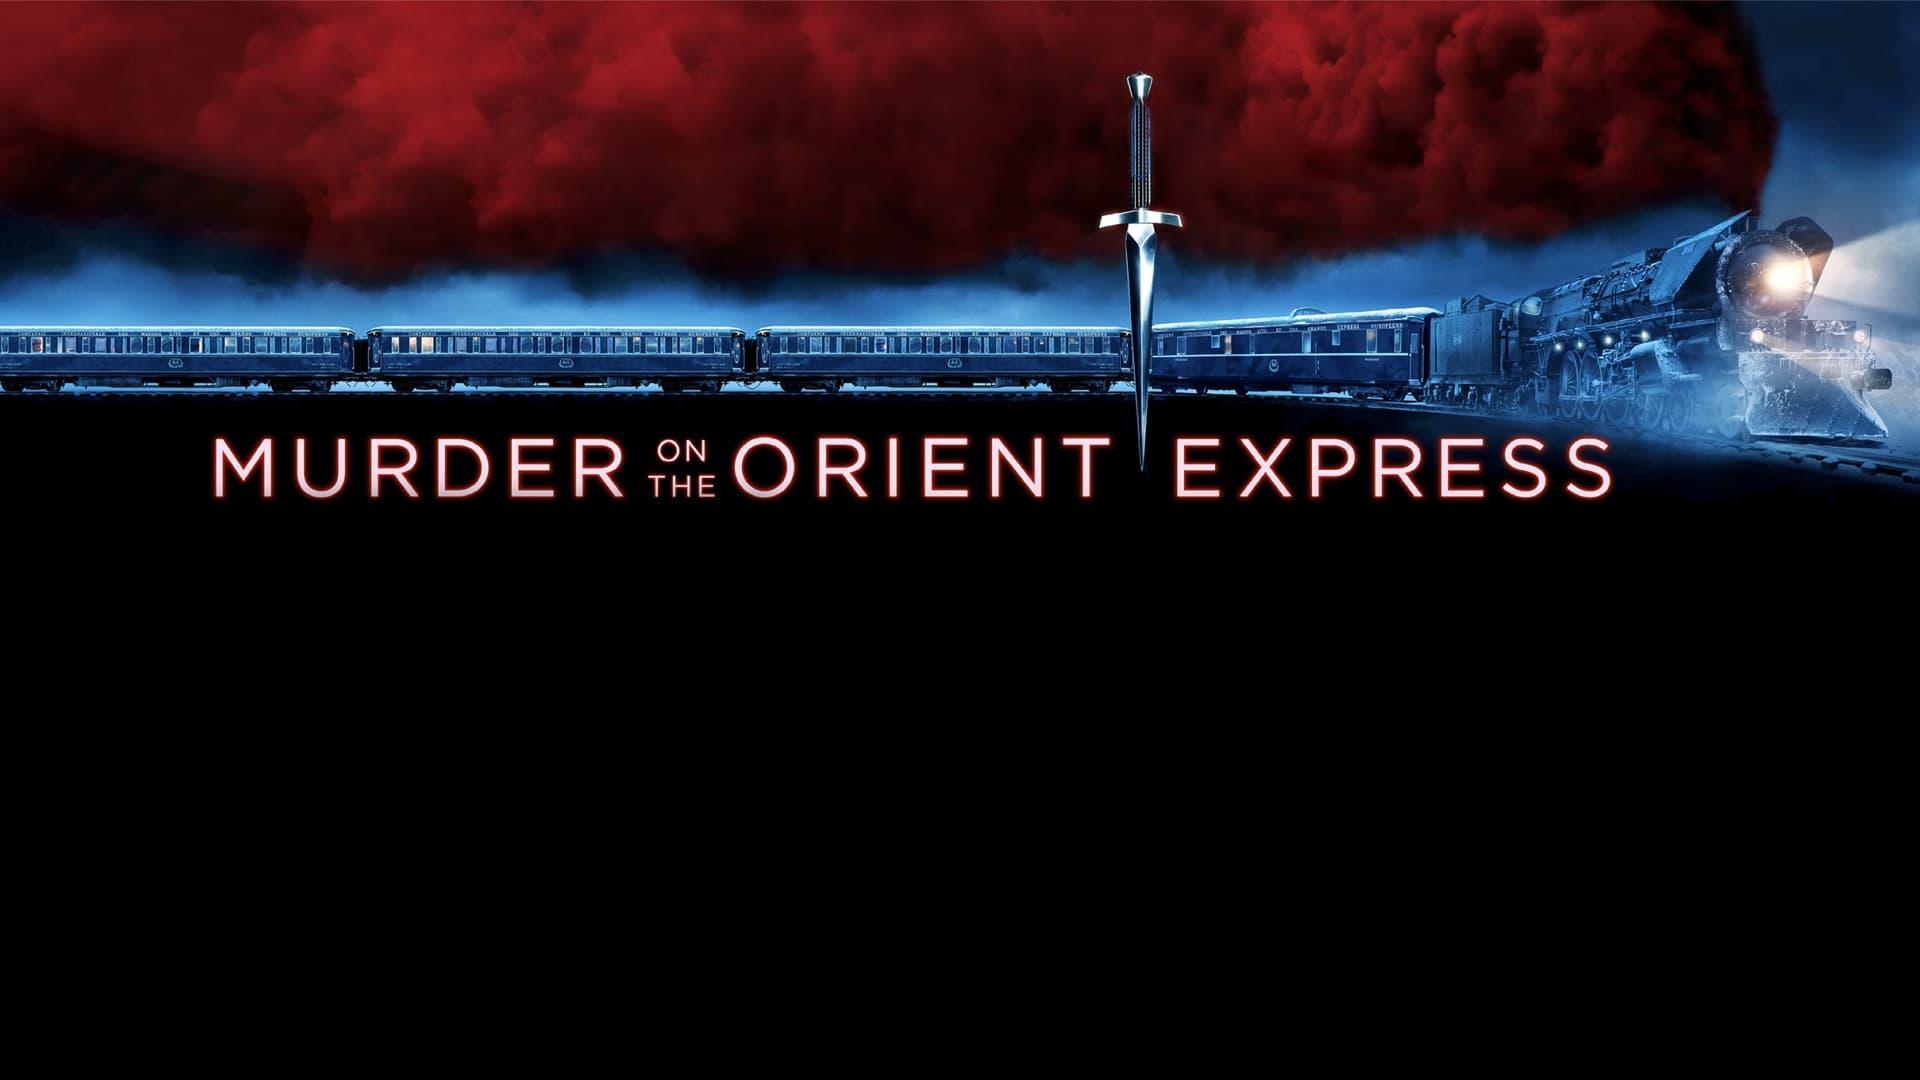 Убиство у Оријент Експресу (2017)